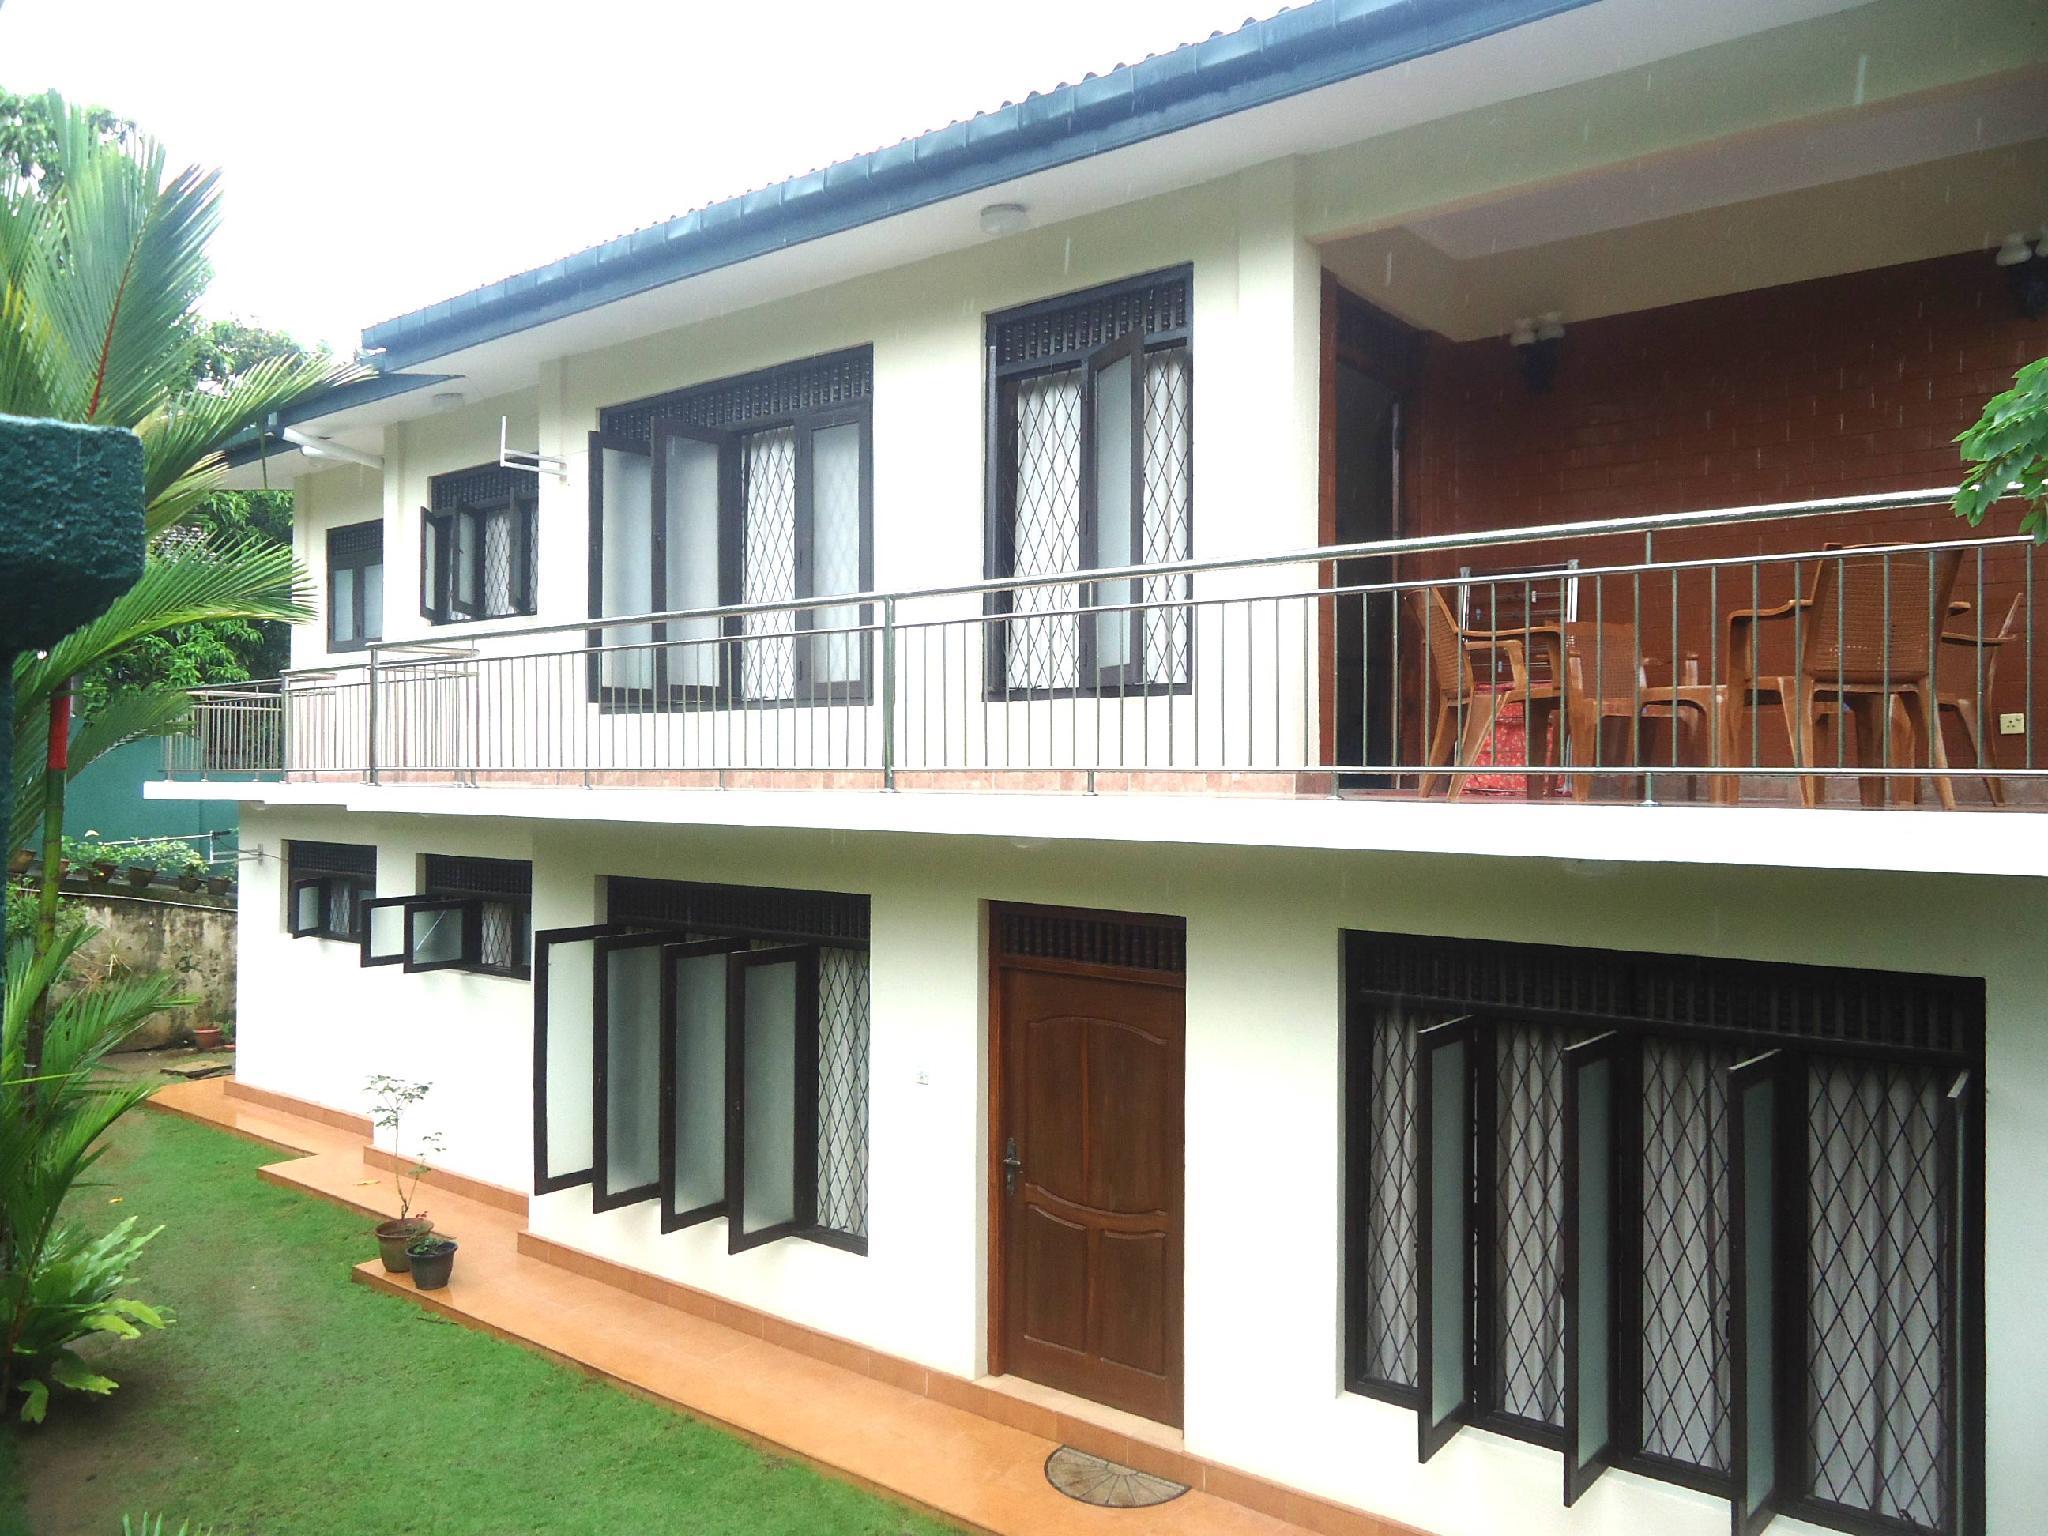 Kandy Sweet Home Stay, Harispattuwa